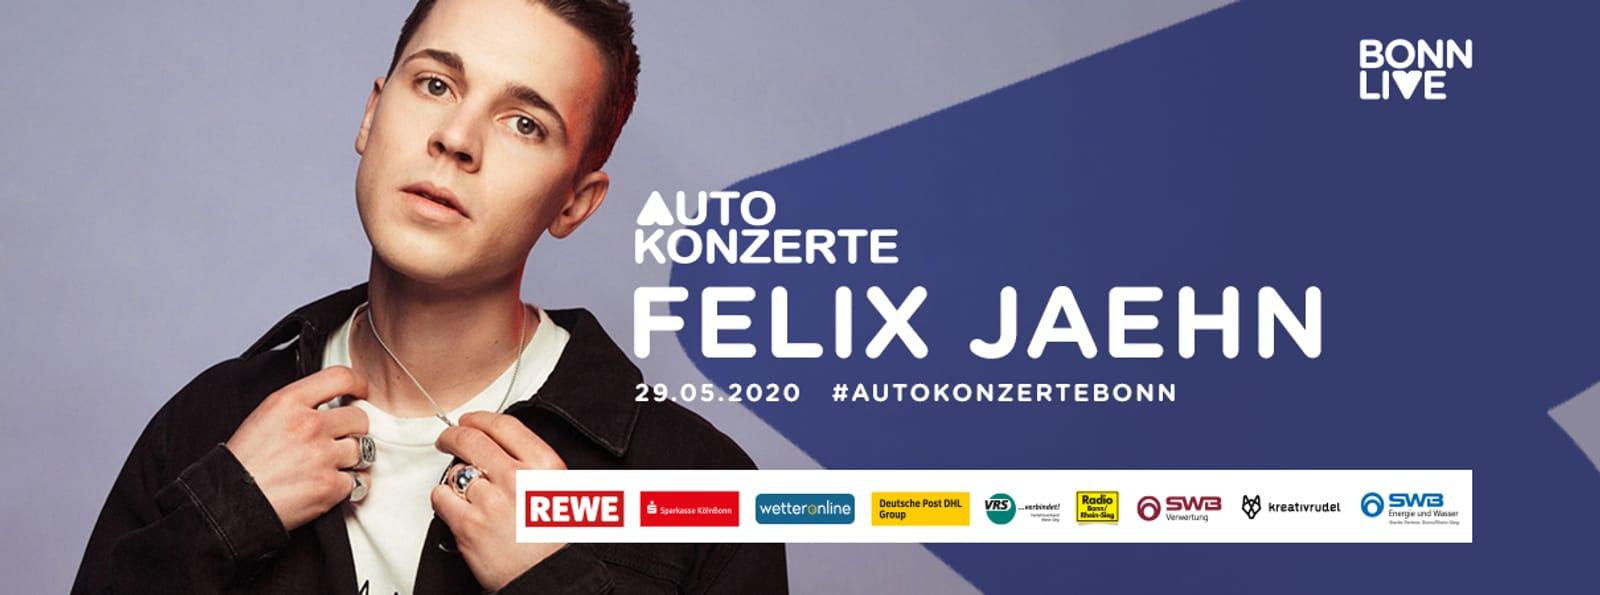 Felix Jaehn | BonnLive Autokonzerte